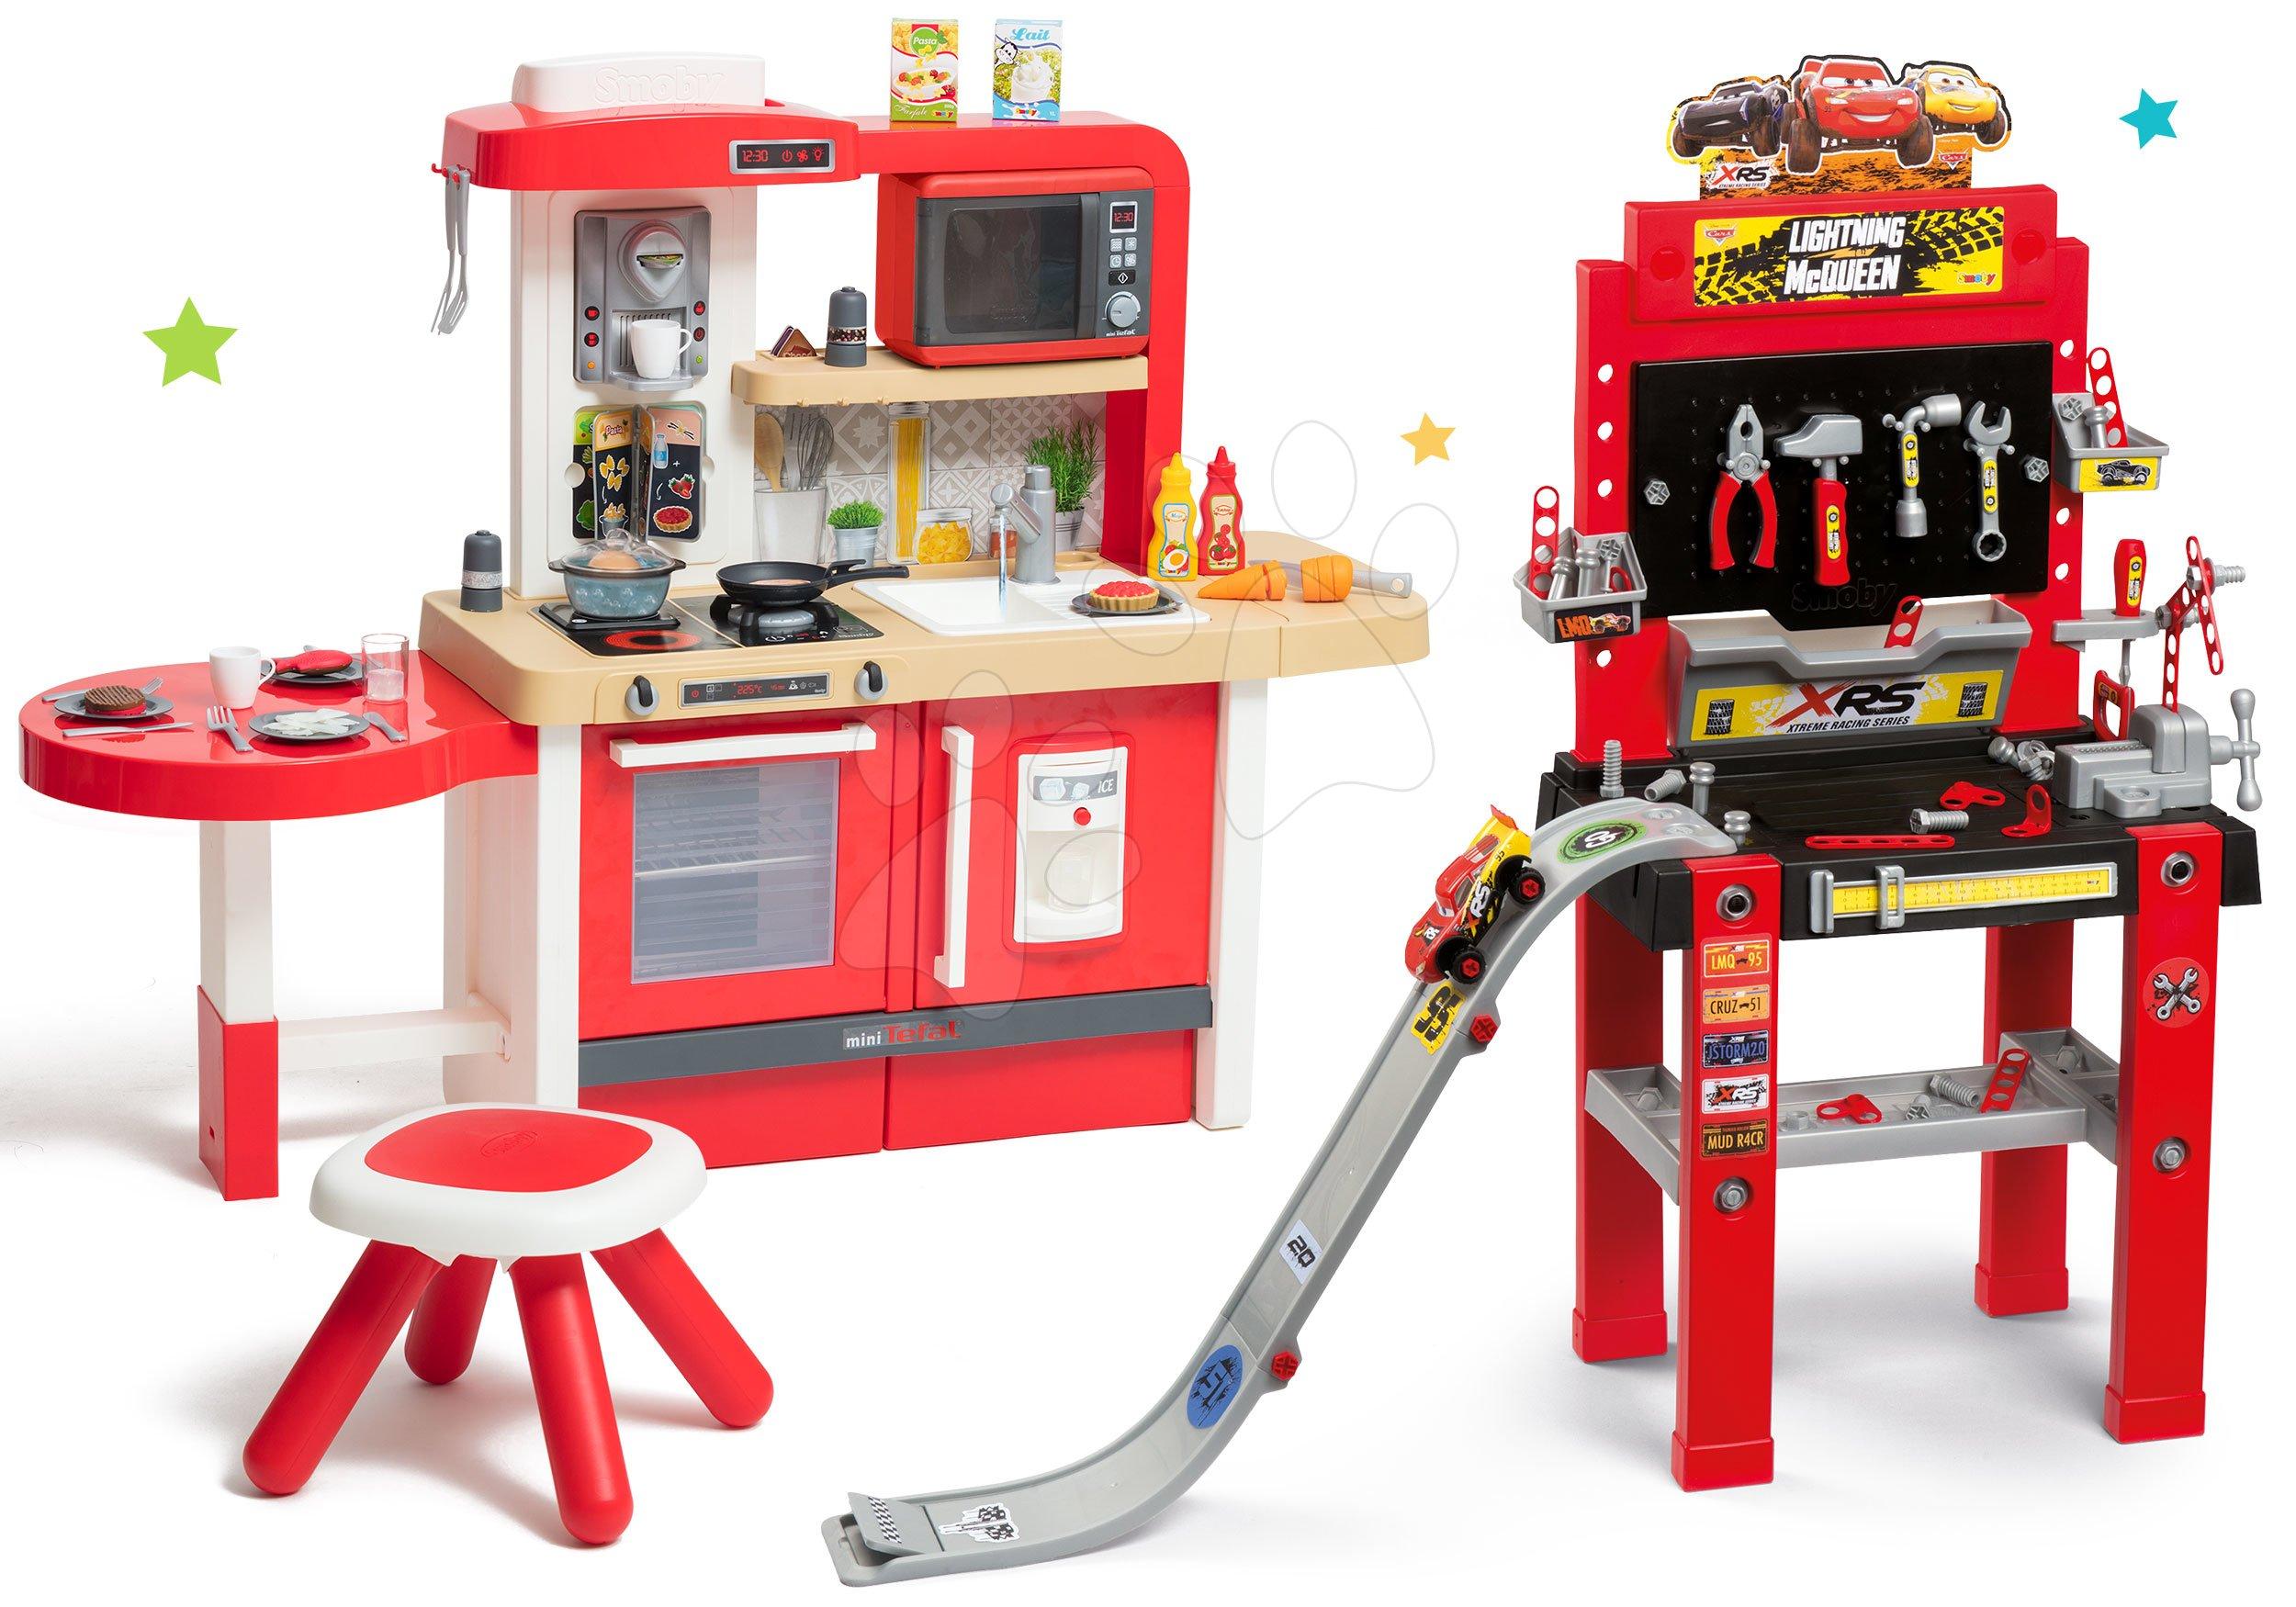 Set pracovná dielňa so skákajúcou rampou Cars 3 Smoby a kuchynka Tefal Evolutive Grand Chef s mikrovlnkou a stolčekom